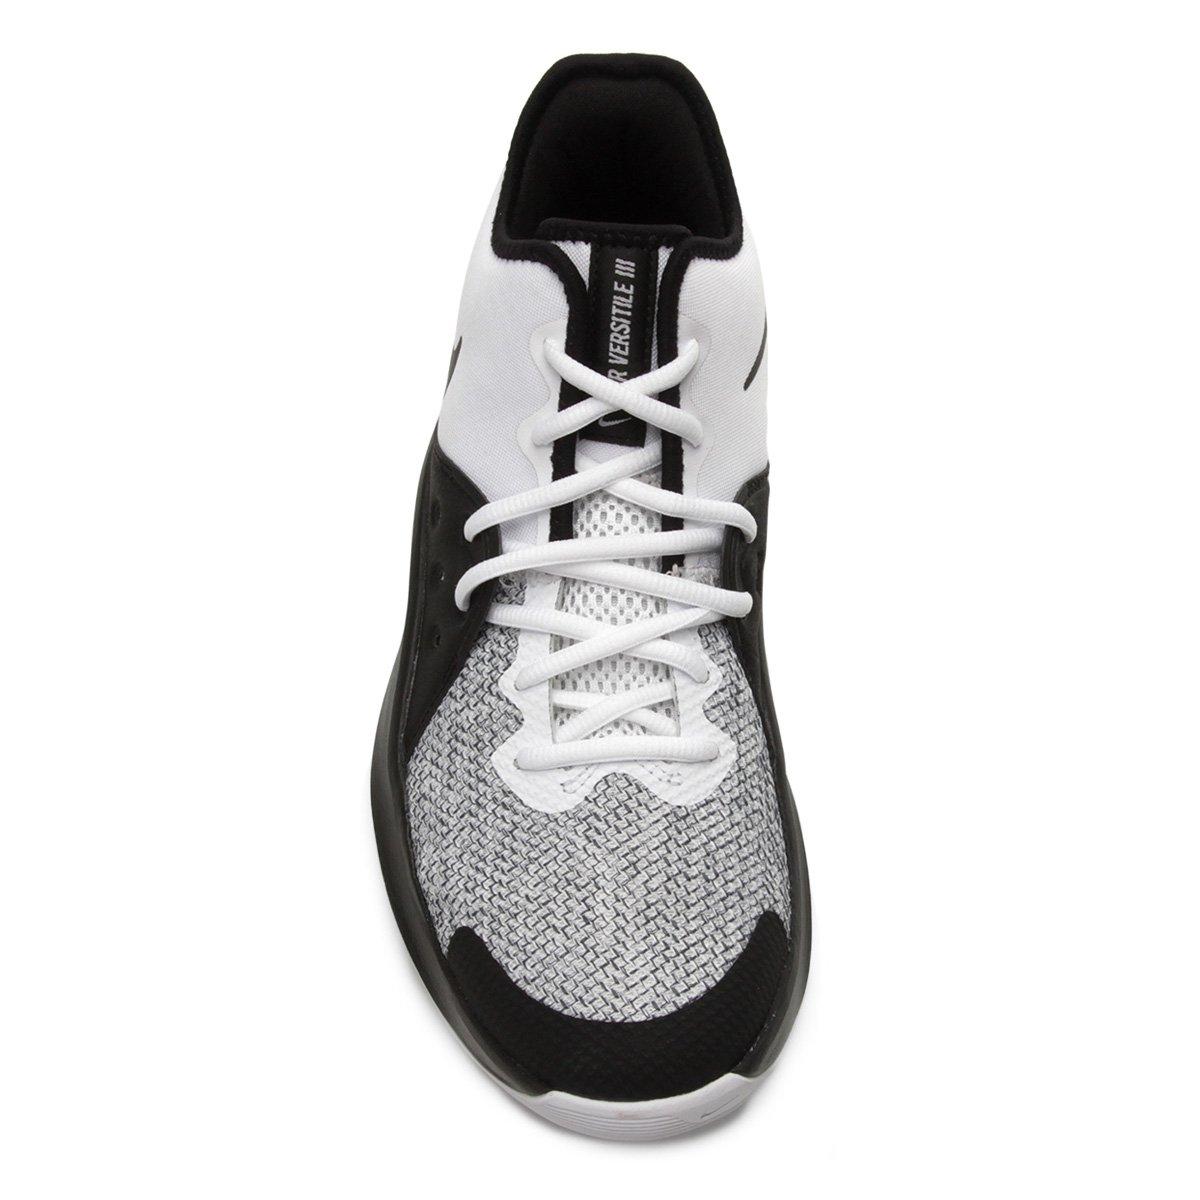 Tênis Nike Air Versitile III Masculino - Branco e Preto - Compre ... ddd265e80fcc4